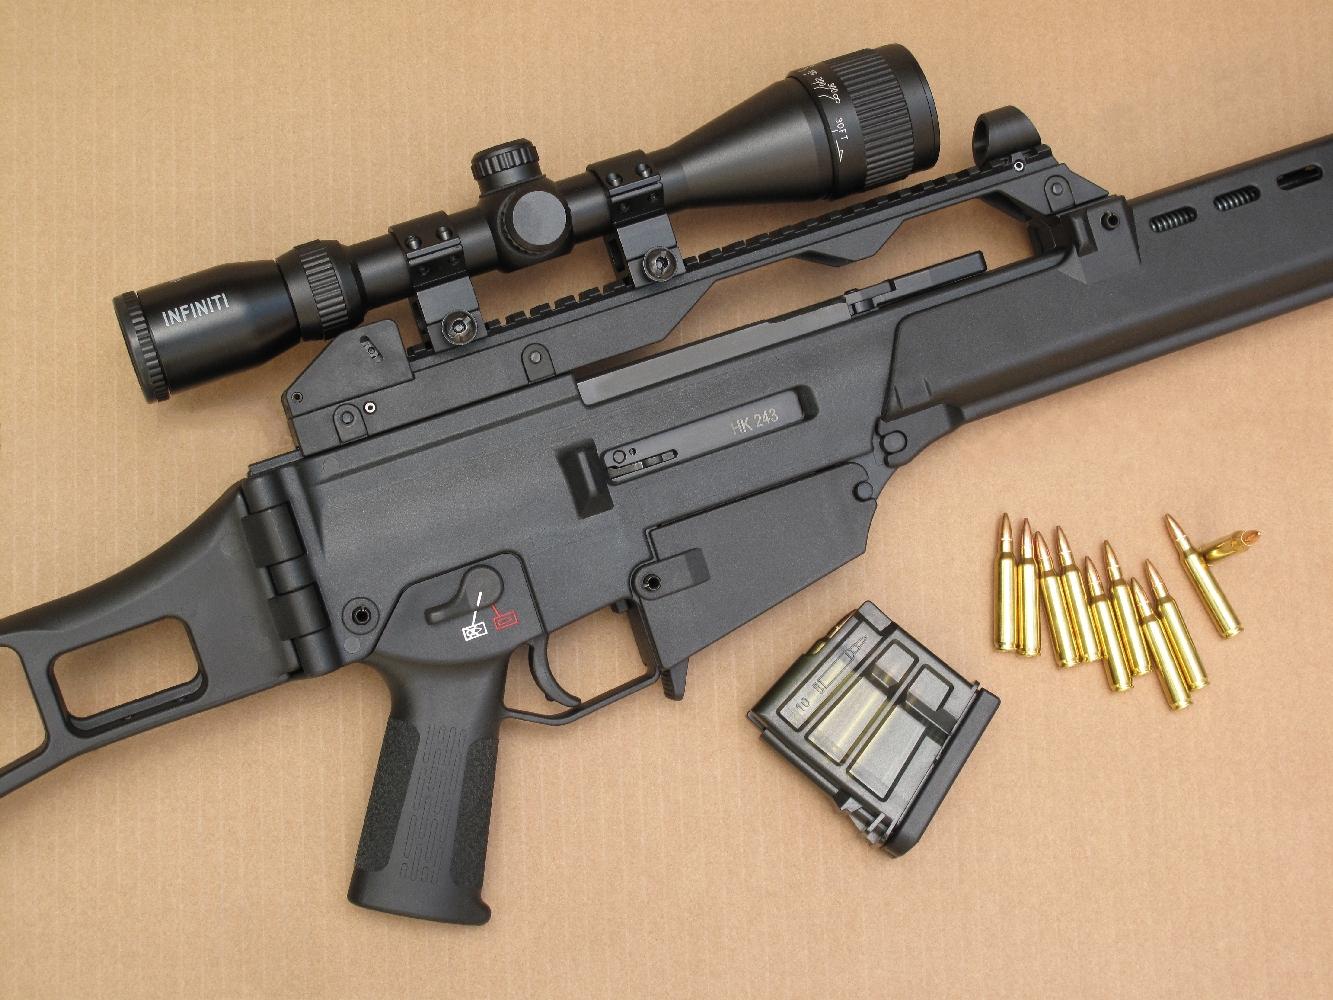 Afin d'effectuer nos tests de précision dans les meilleurs conditions possibles, nous avons équipé notre HK243 d'une lunette « Infiniti » 3-9x40, un modèle bas de gamme rapporté des Etats-Unis, qui procure de toute évidence un exceptionnel rapport qualité/prix.